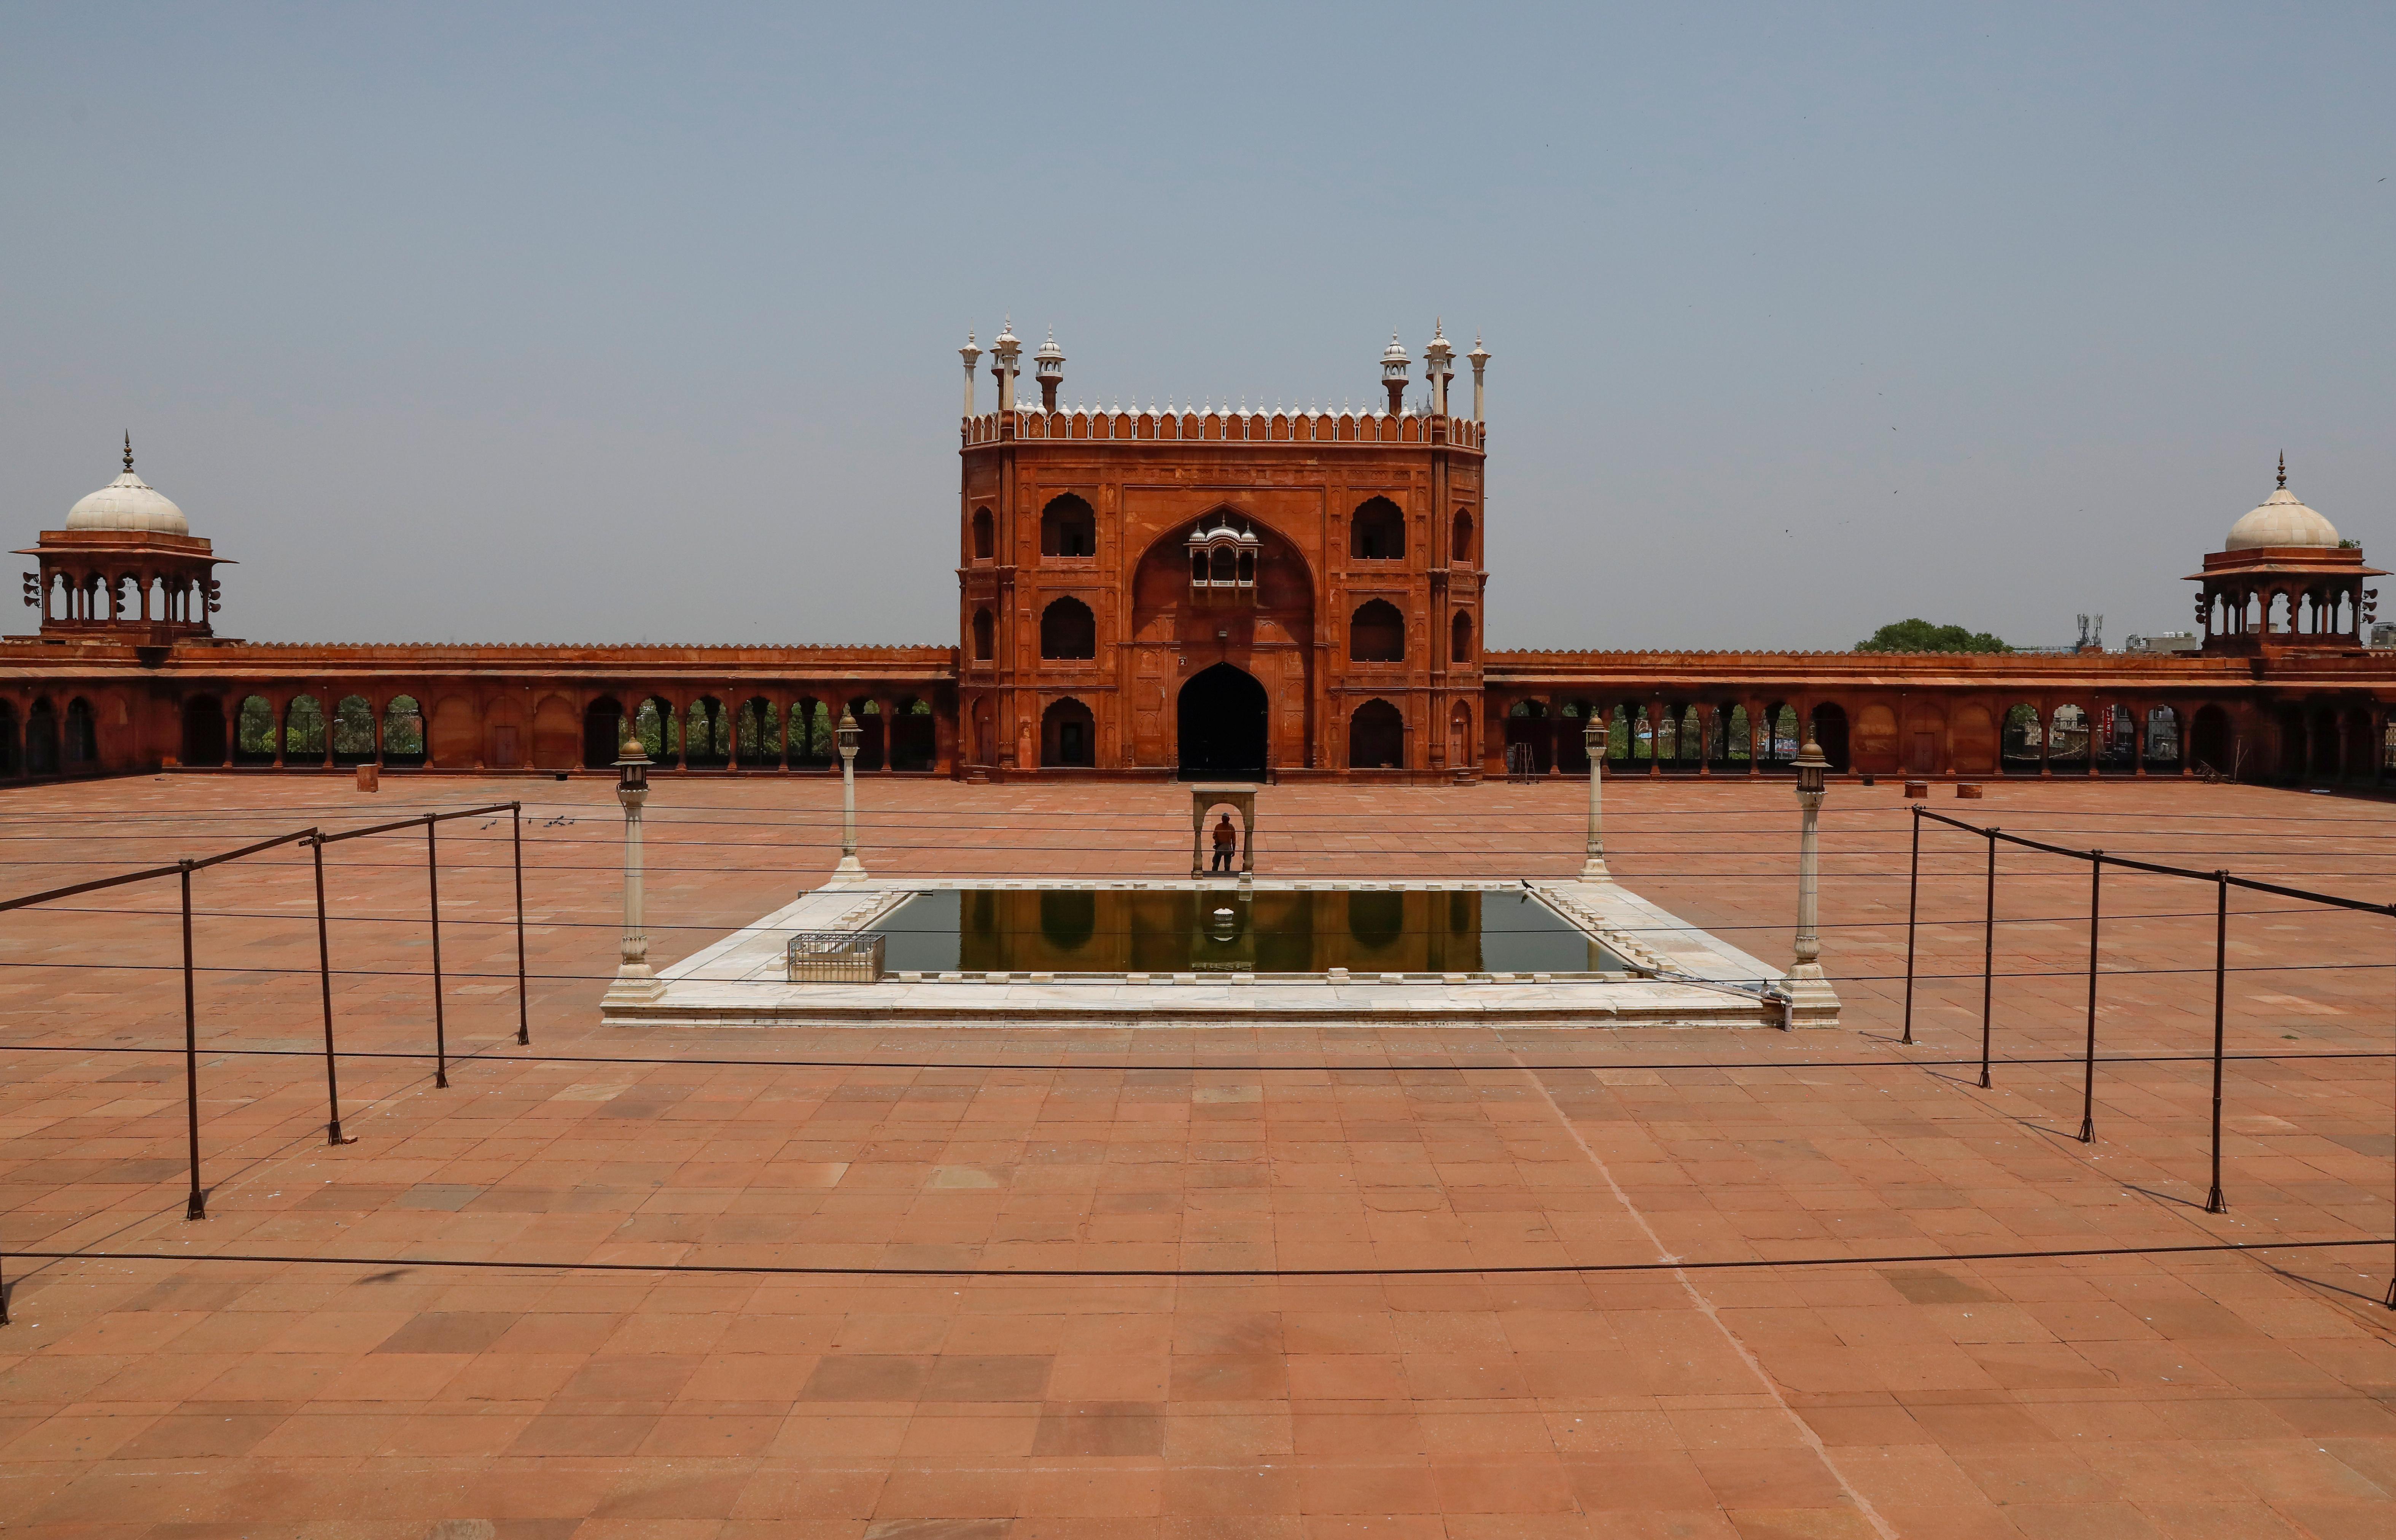 Vista general del Jama Masjid vacío, en Delhi, India (REUTERS/Anushree Fadnavis)